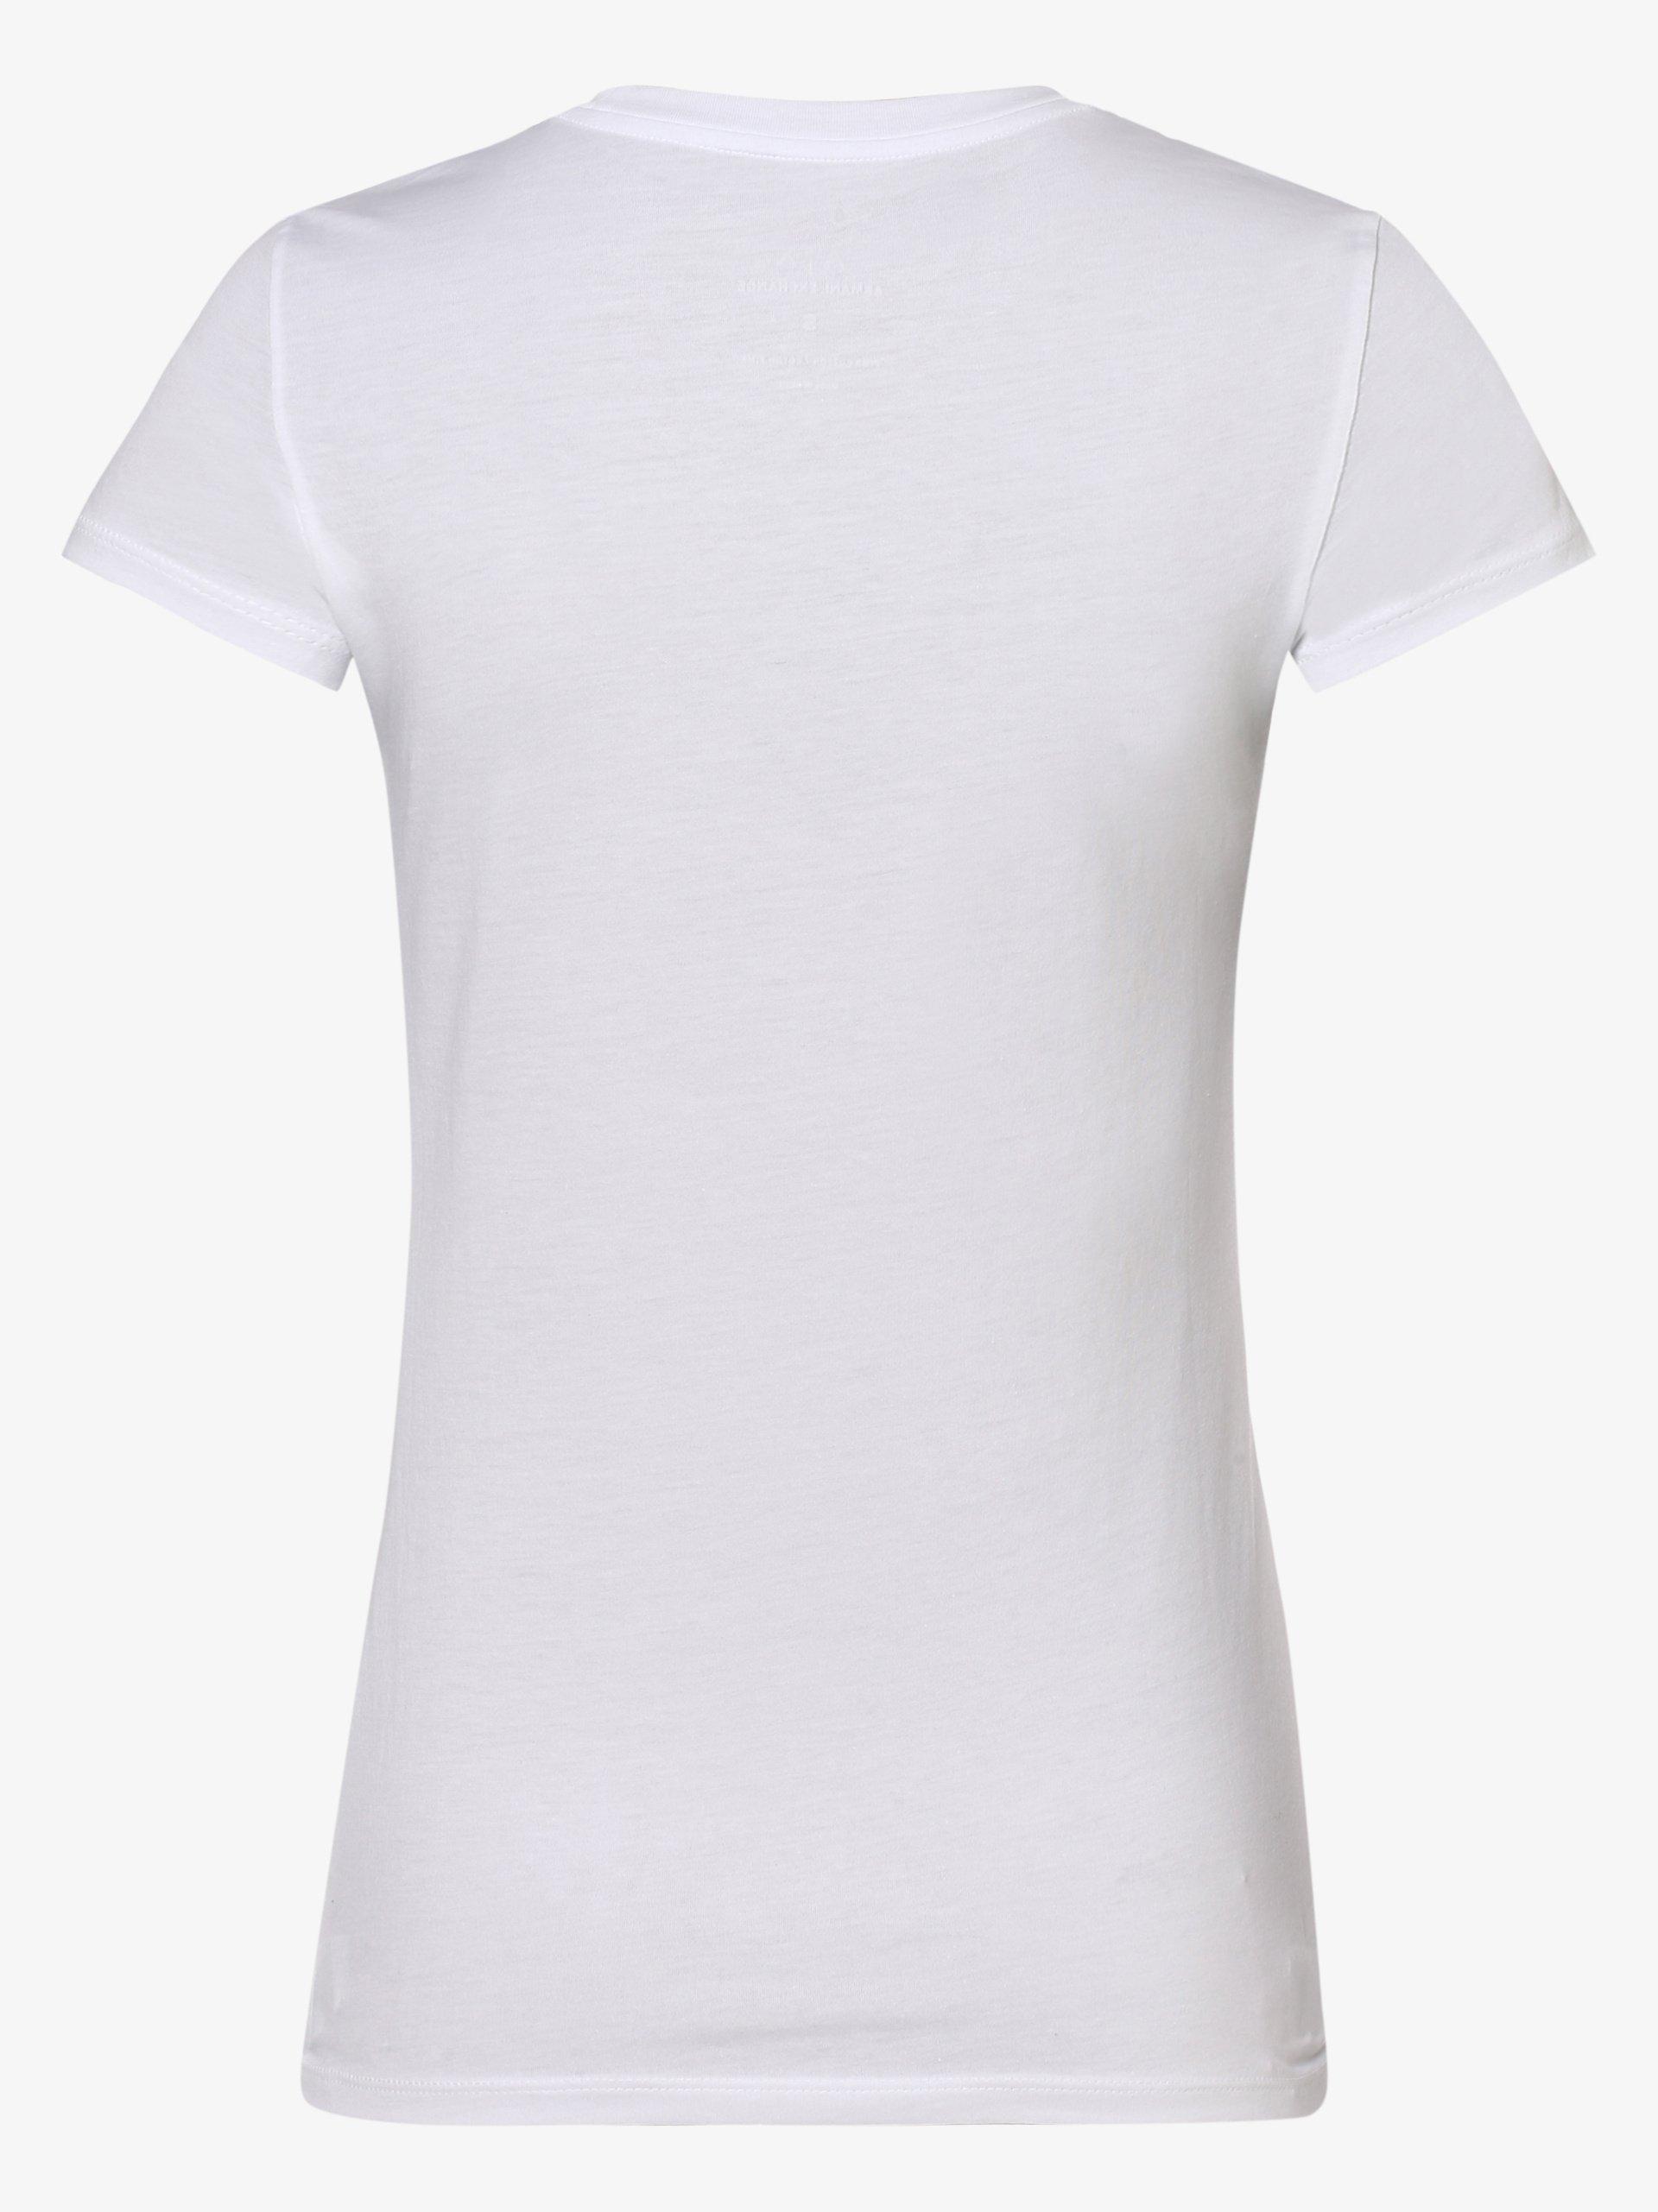 Armani Exchange Damen T-Shirt